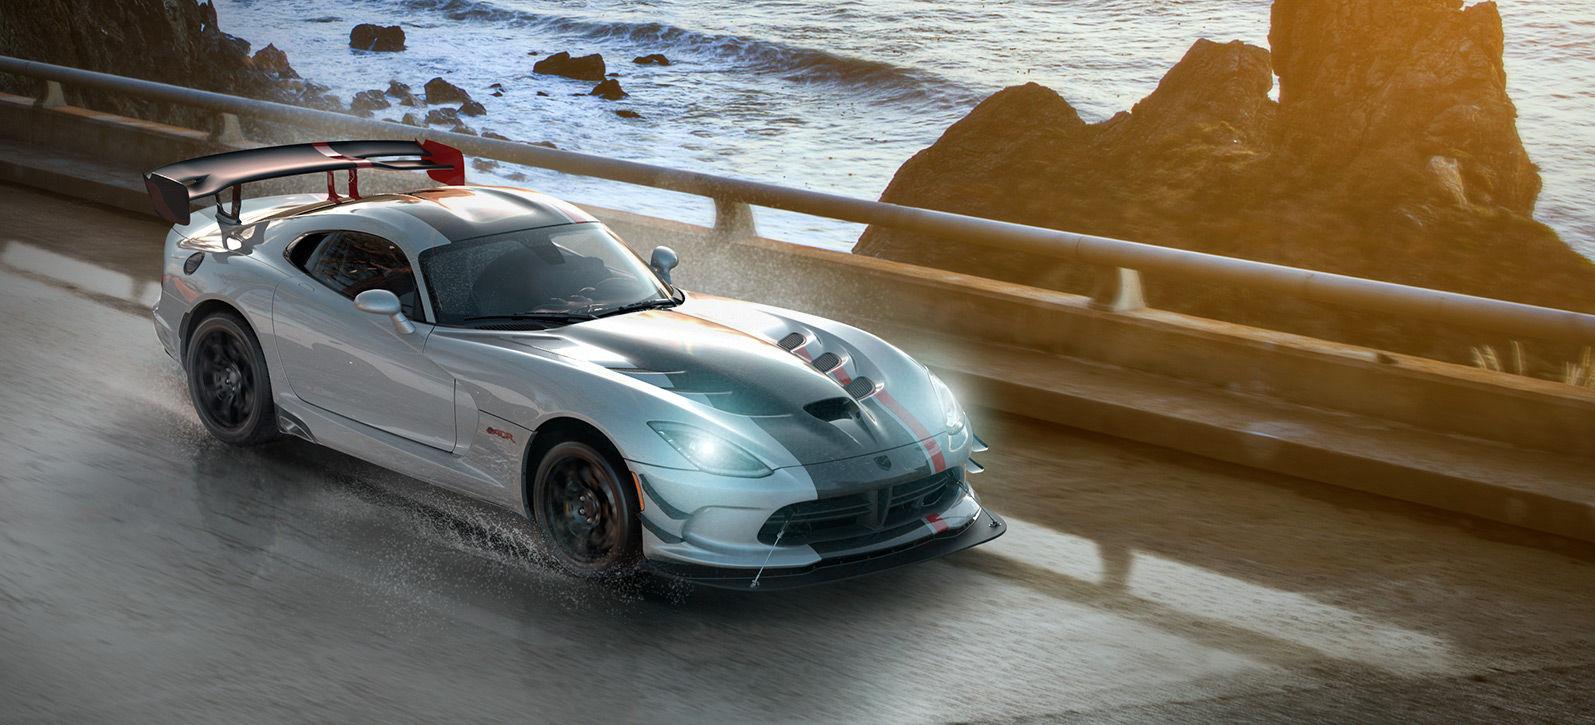 New Dodge Viper for Sale Cicero NY